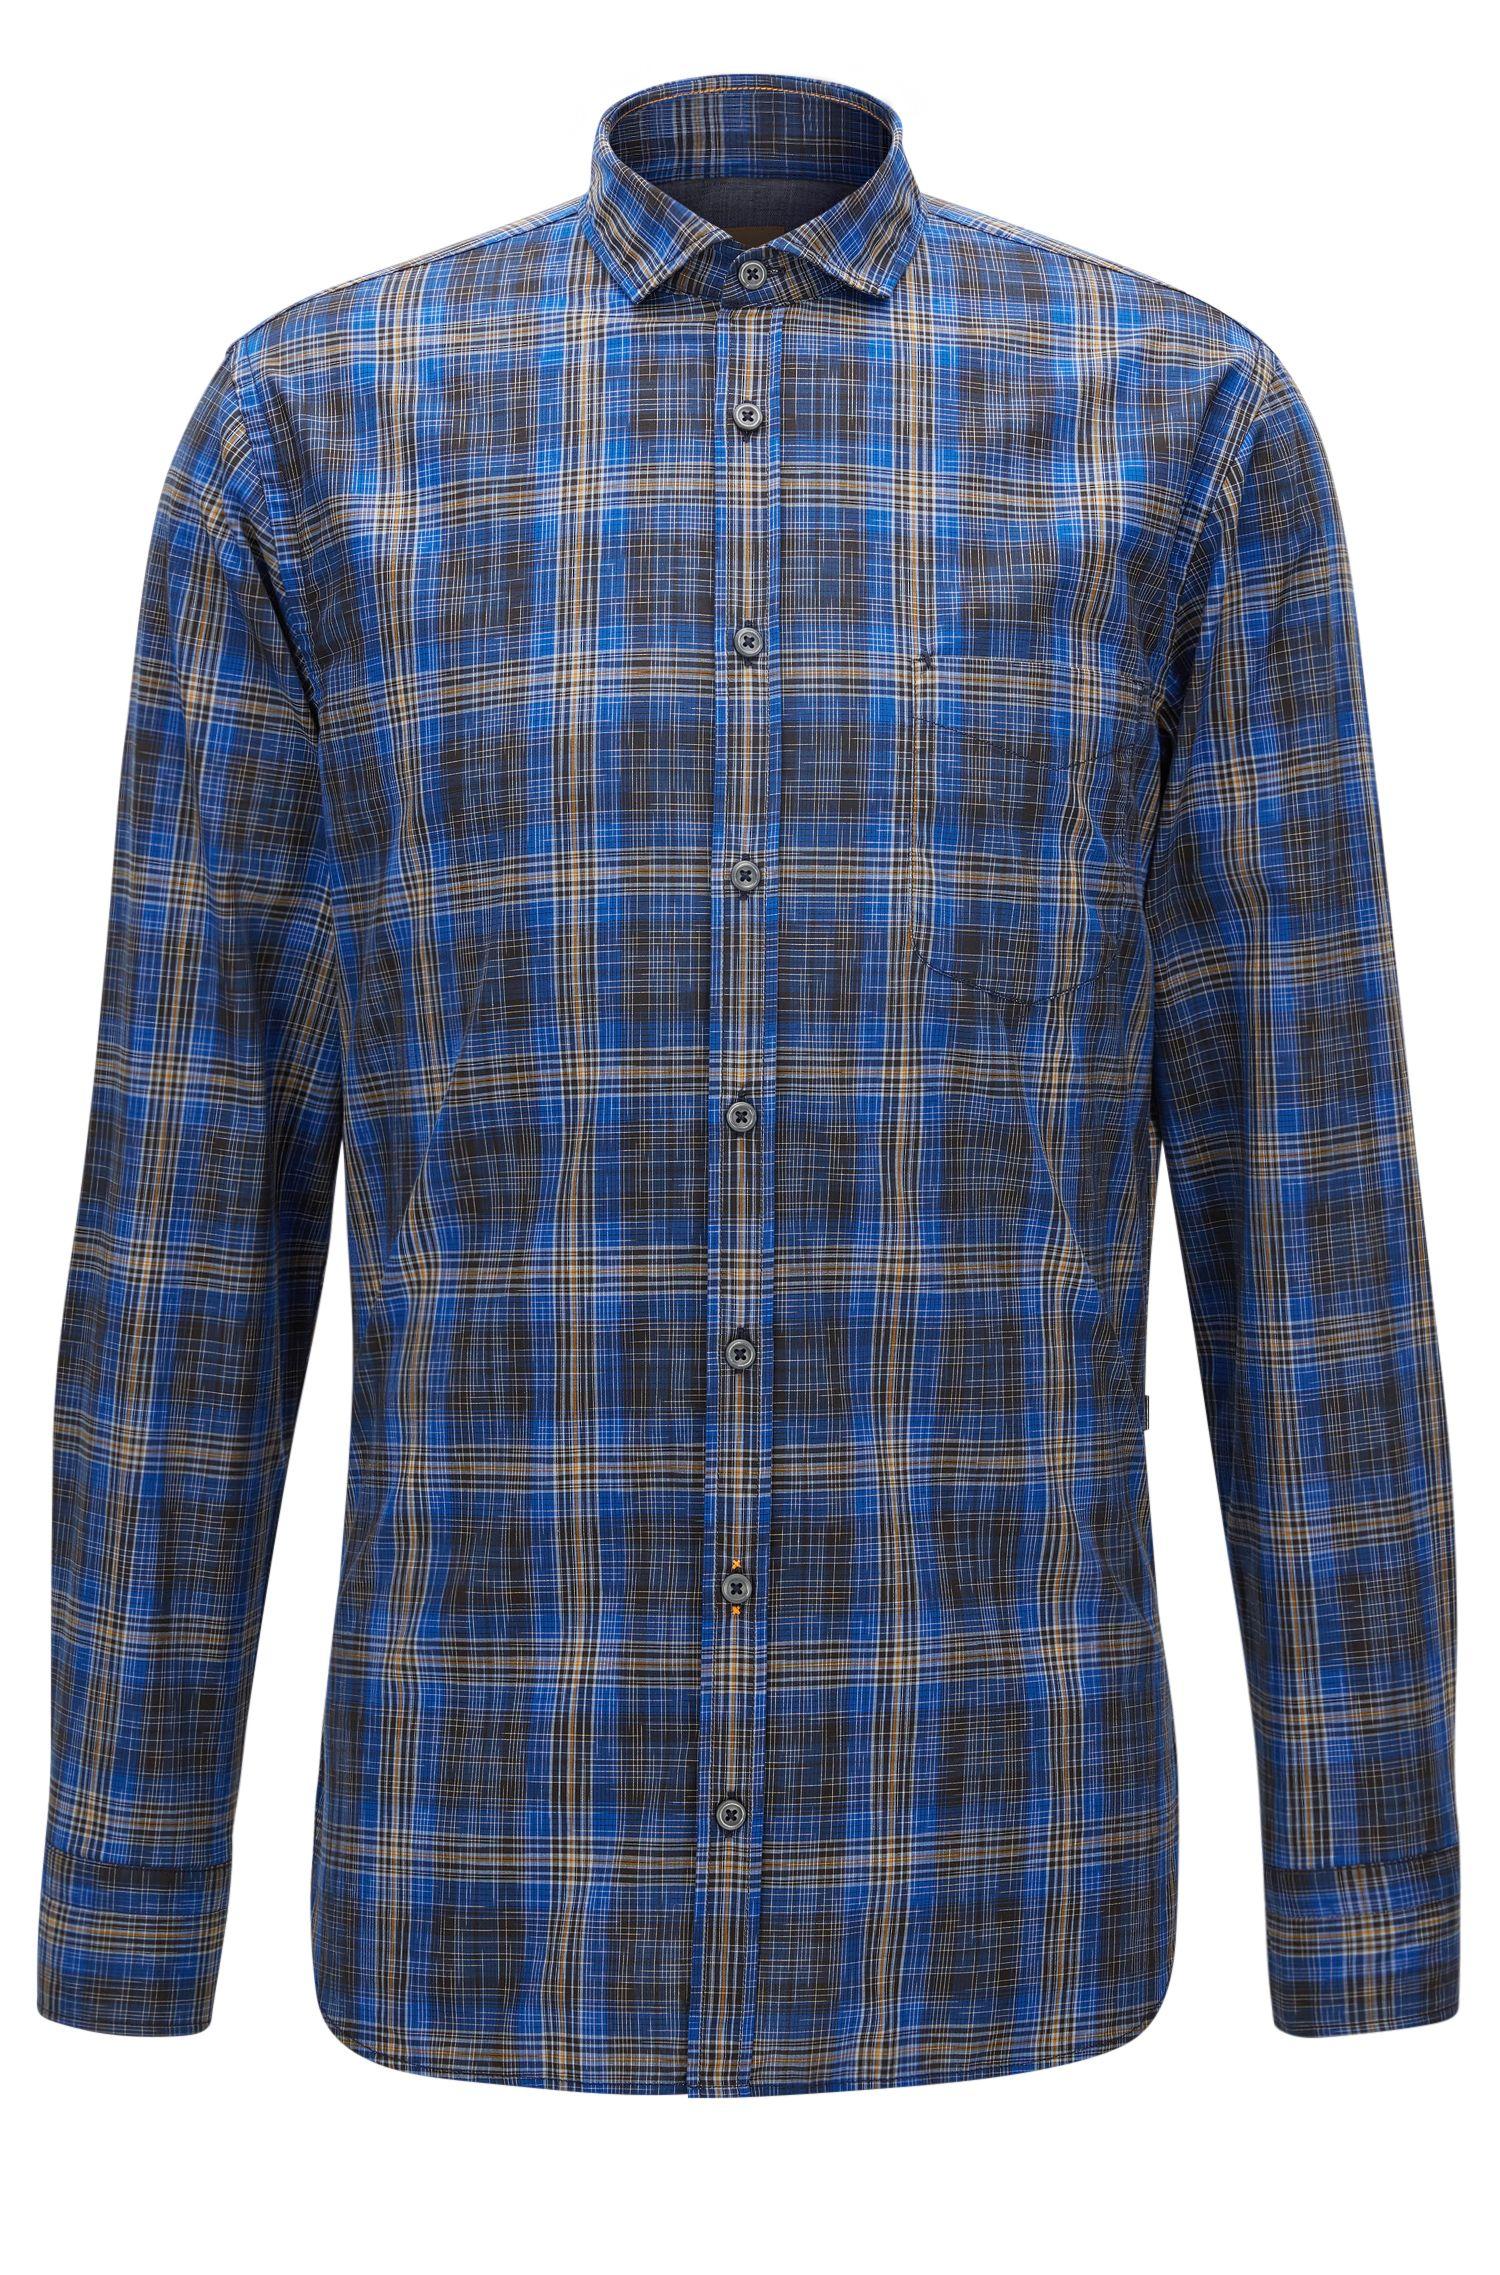 Plaid Cotton Button Down Shirt, Slim Fit | Cattitude, Blue